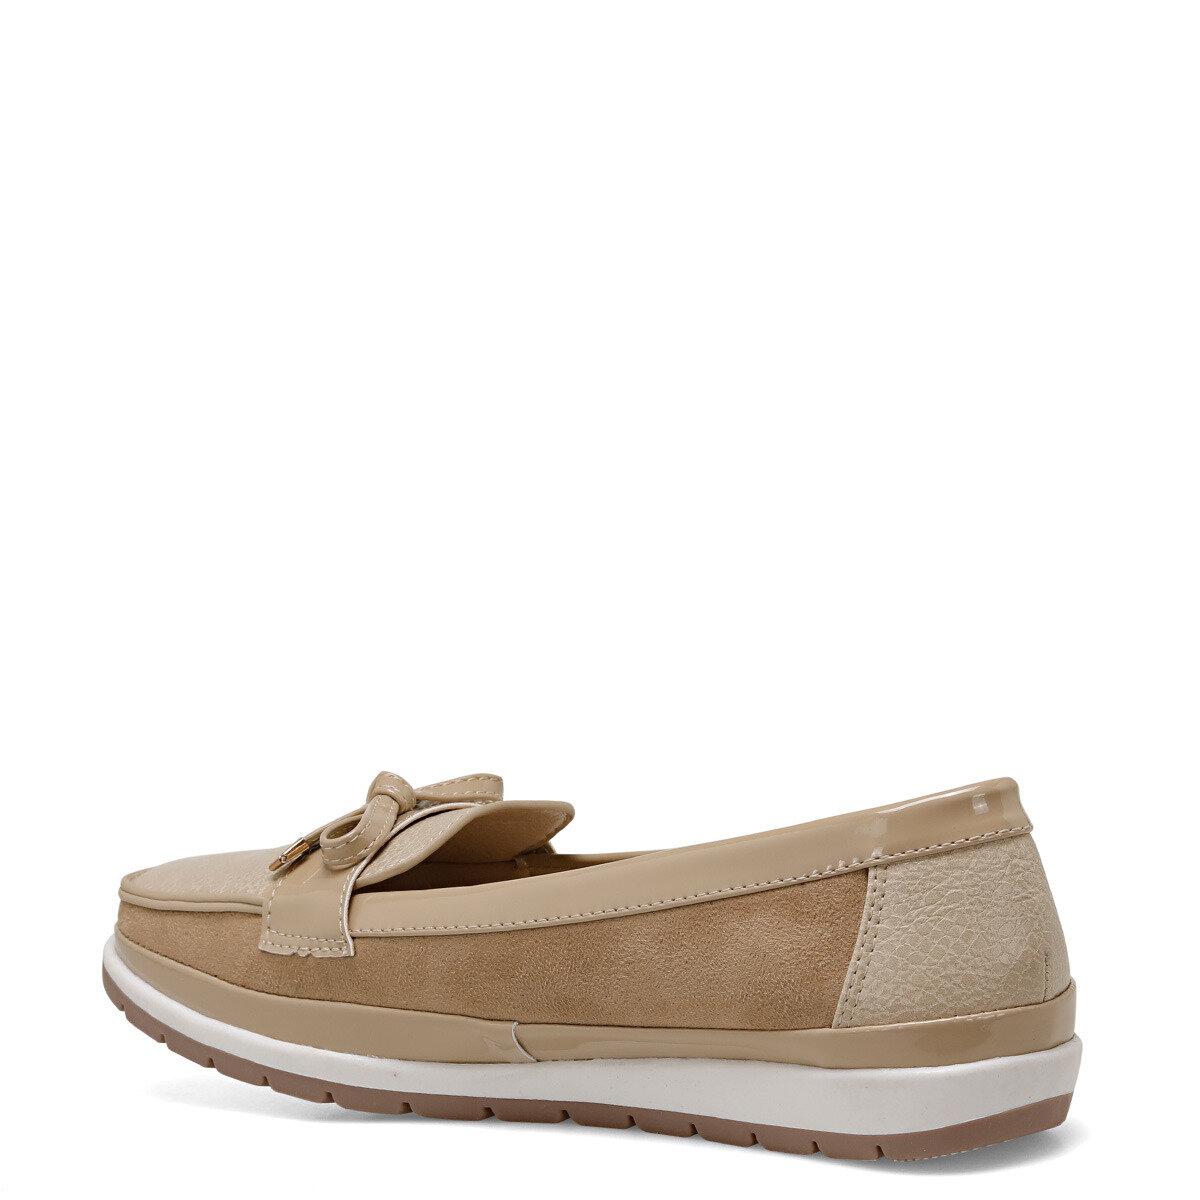 BELTEN Bej Kadın Loafer Ayakkabı